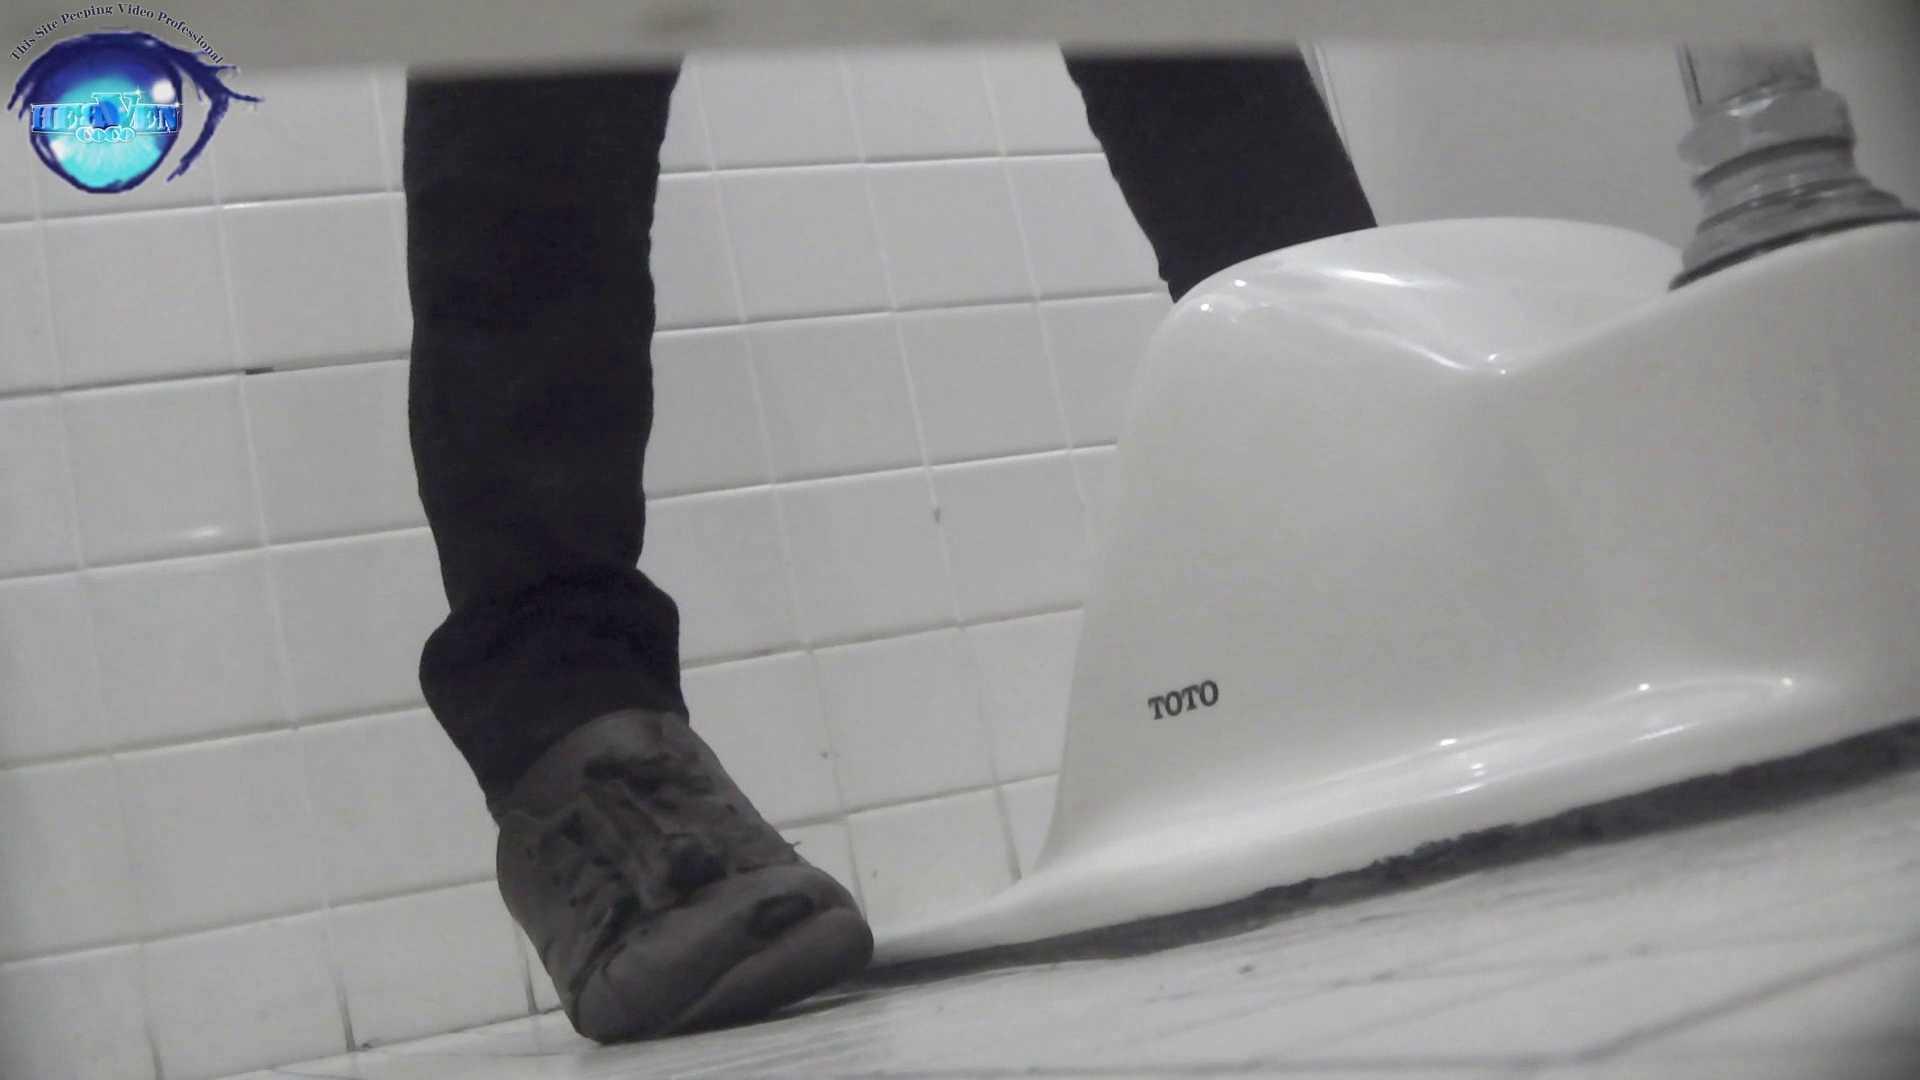 お銀さん vol.59 ピンチ!!「鏡の前で祈る女性」にばれる危機 前編 HなOL ヌード画像 96pic 59